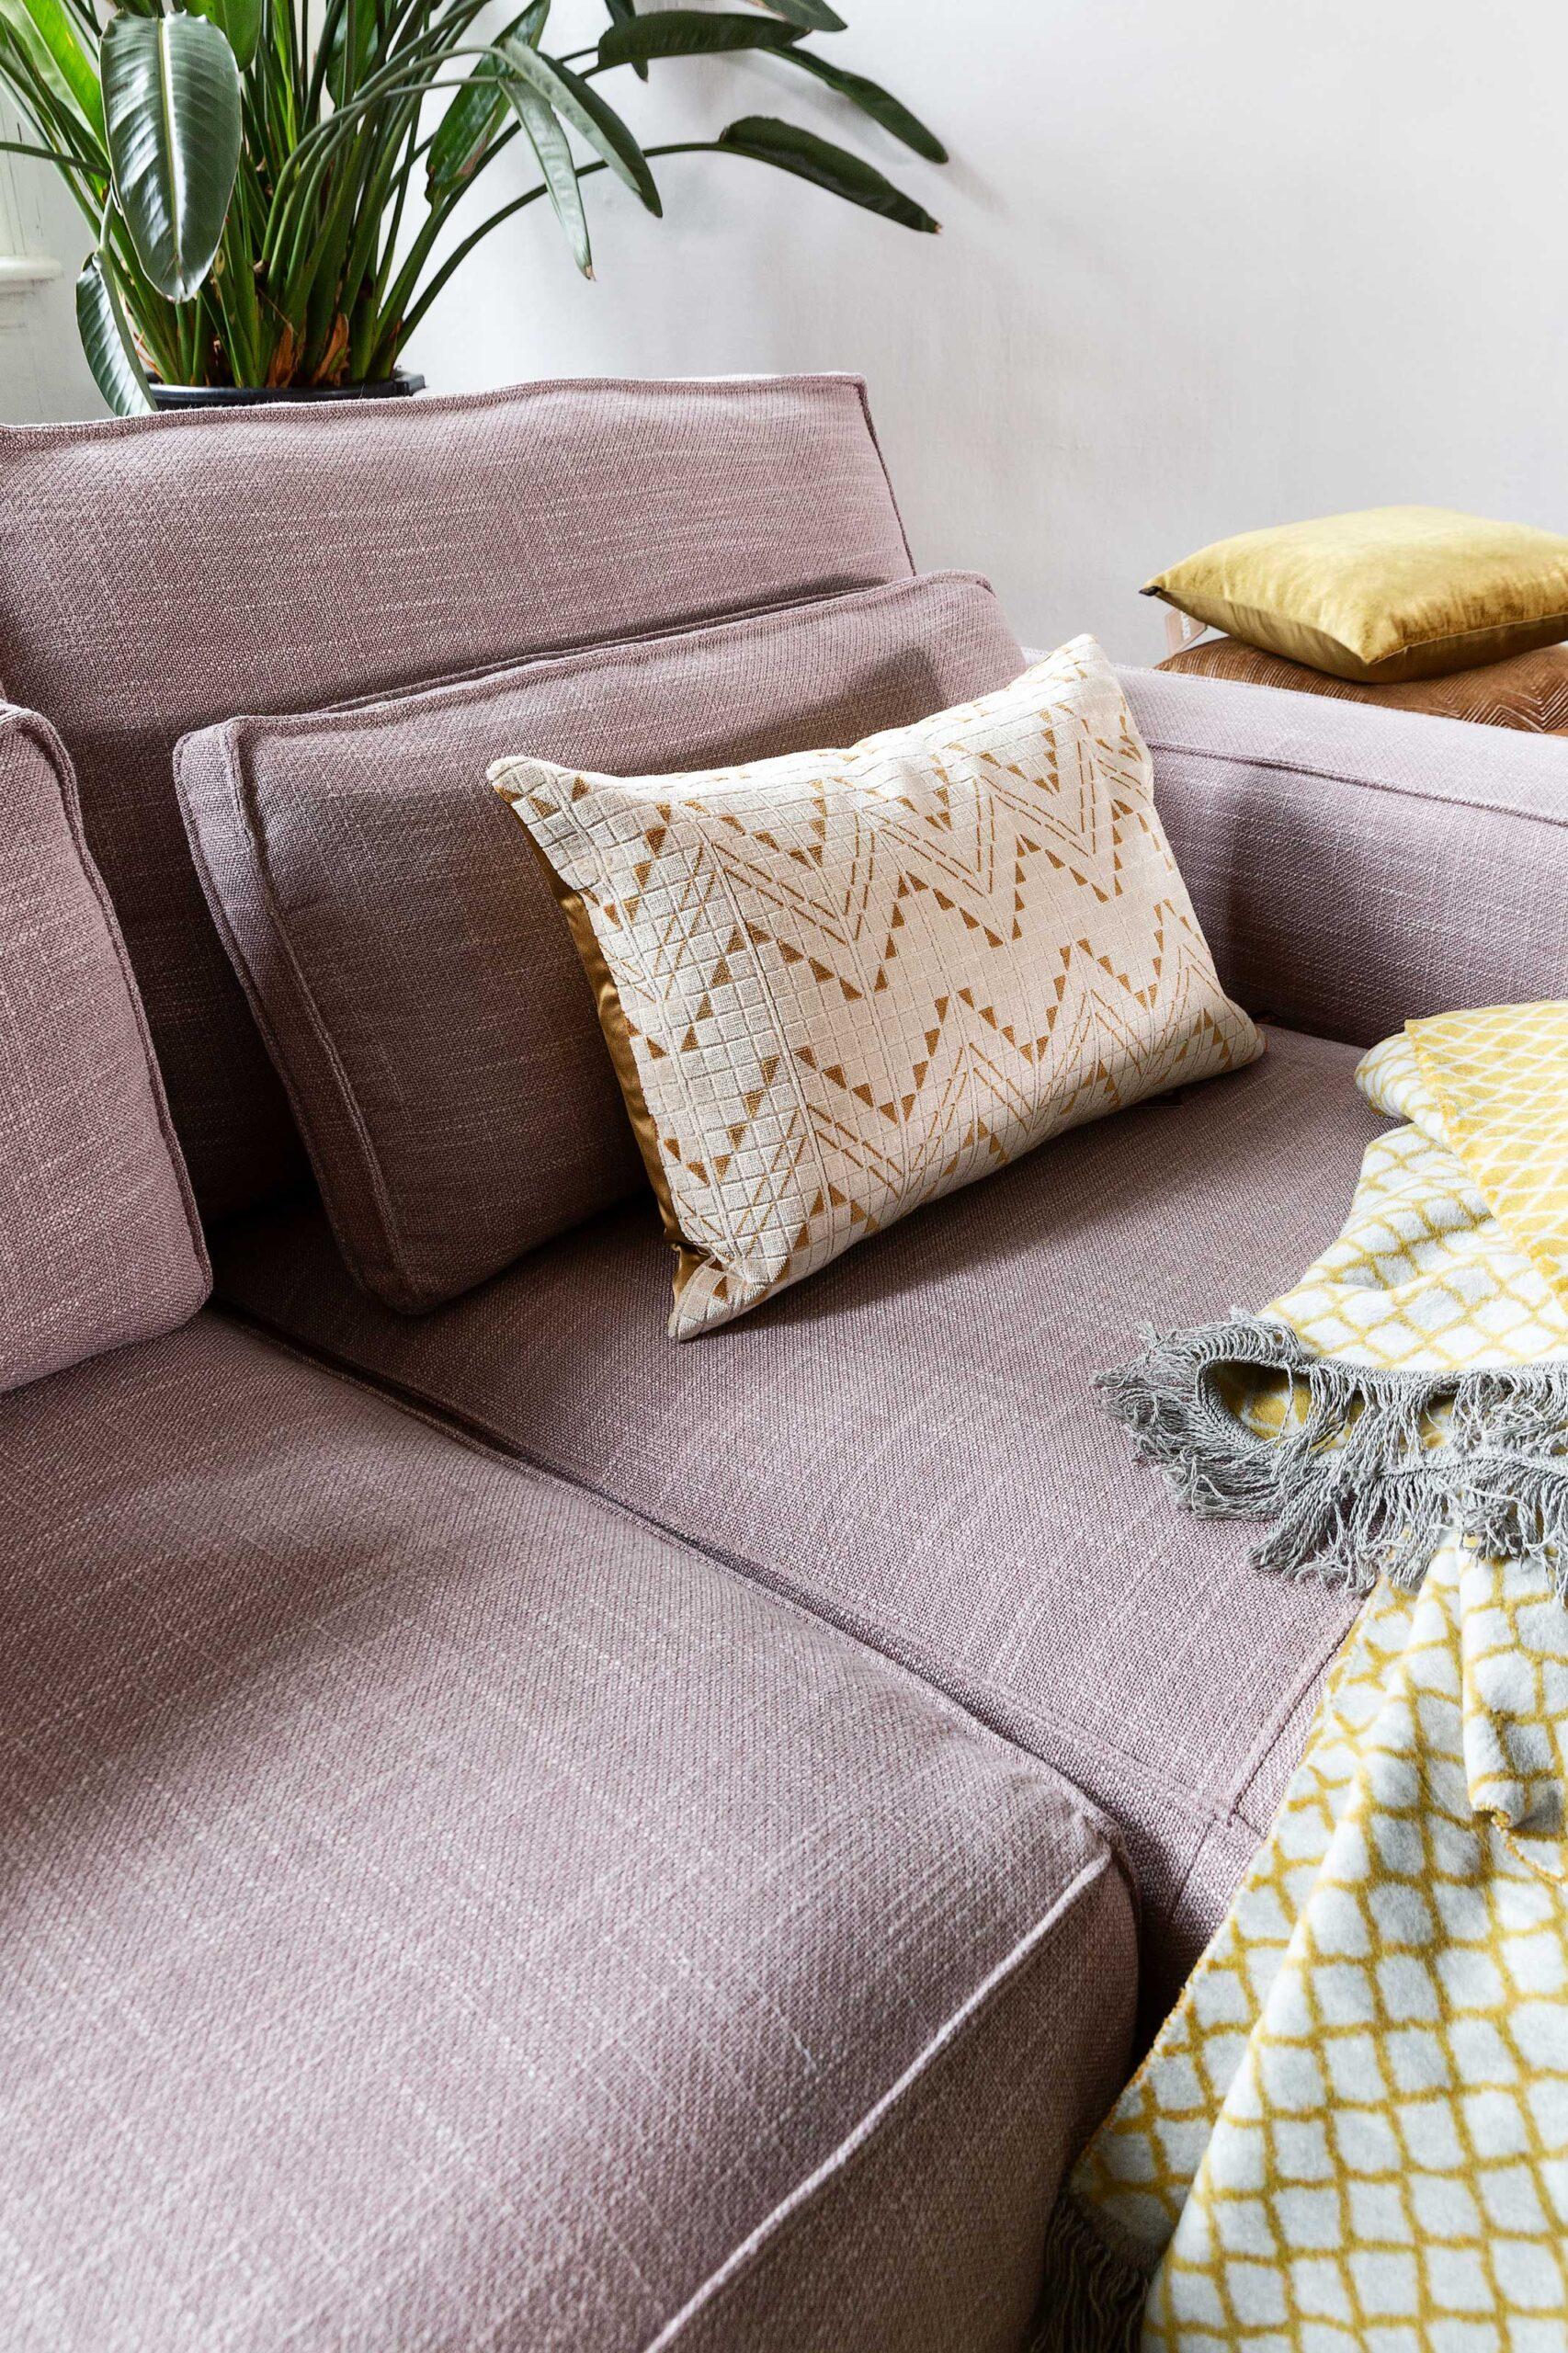 vivre-de-provence-bank-detail-longchair-hoekbank-soofs-interieur